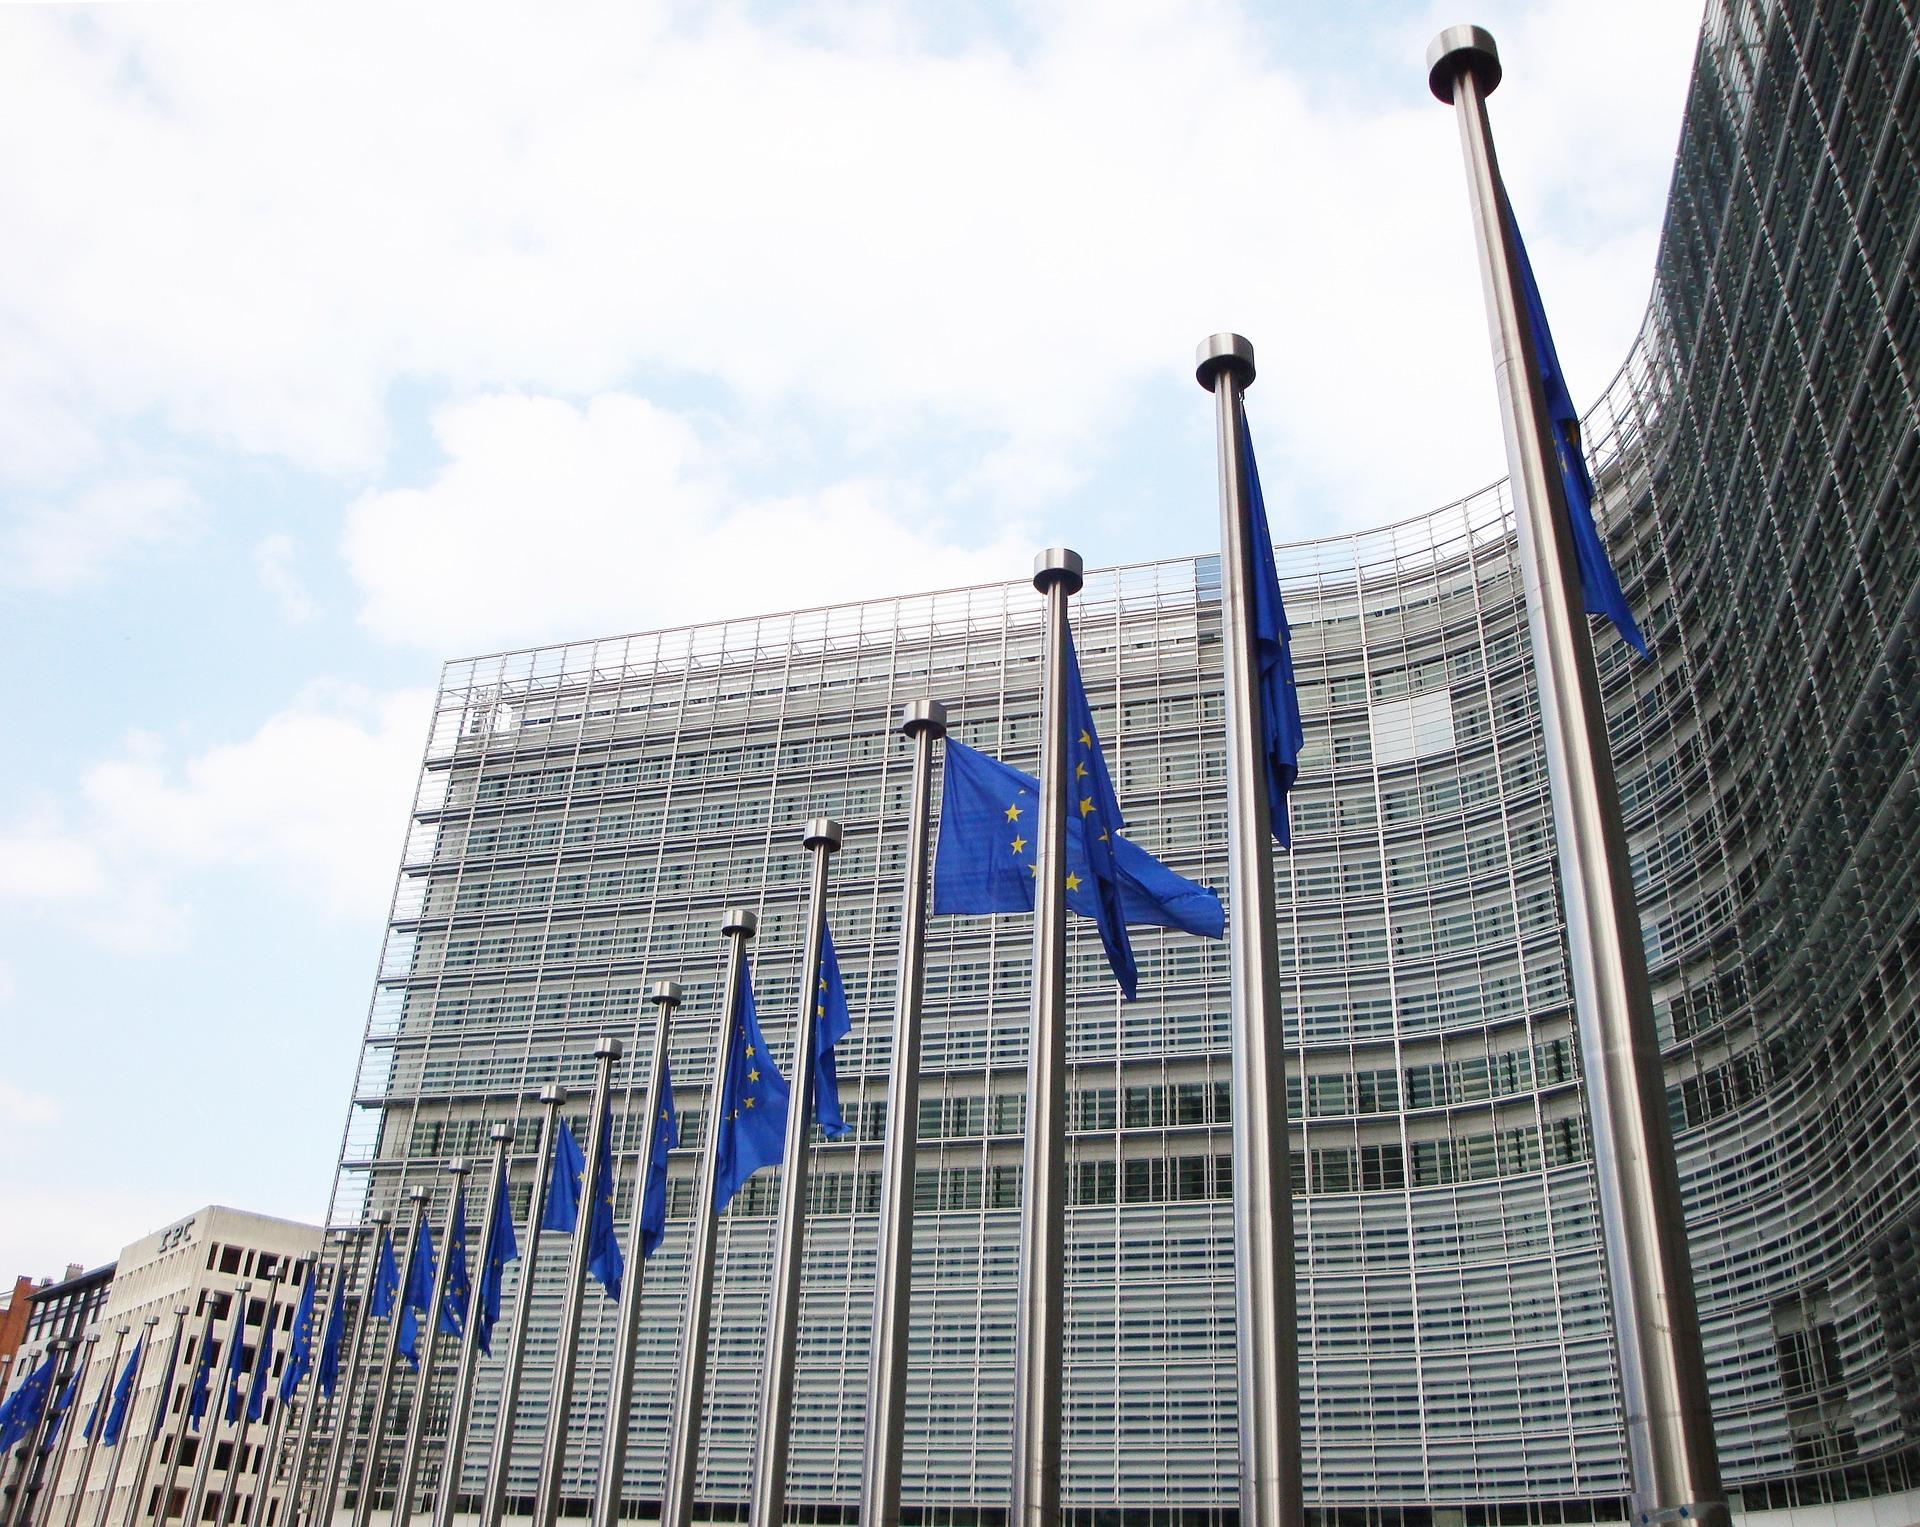 Europska komisija osigurala 232 milijuna eura za borbu protiv epidemije koronavirusa - Slika 1